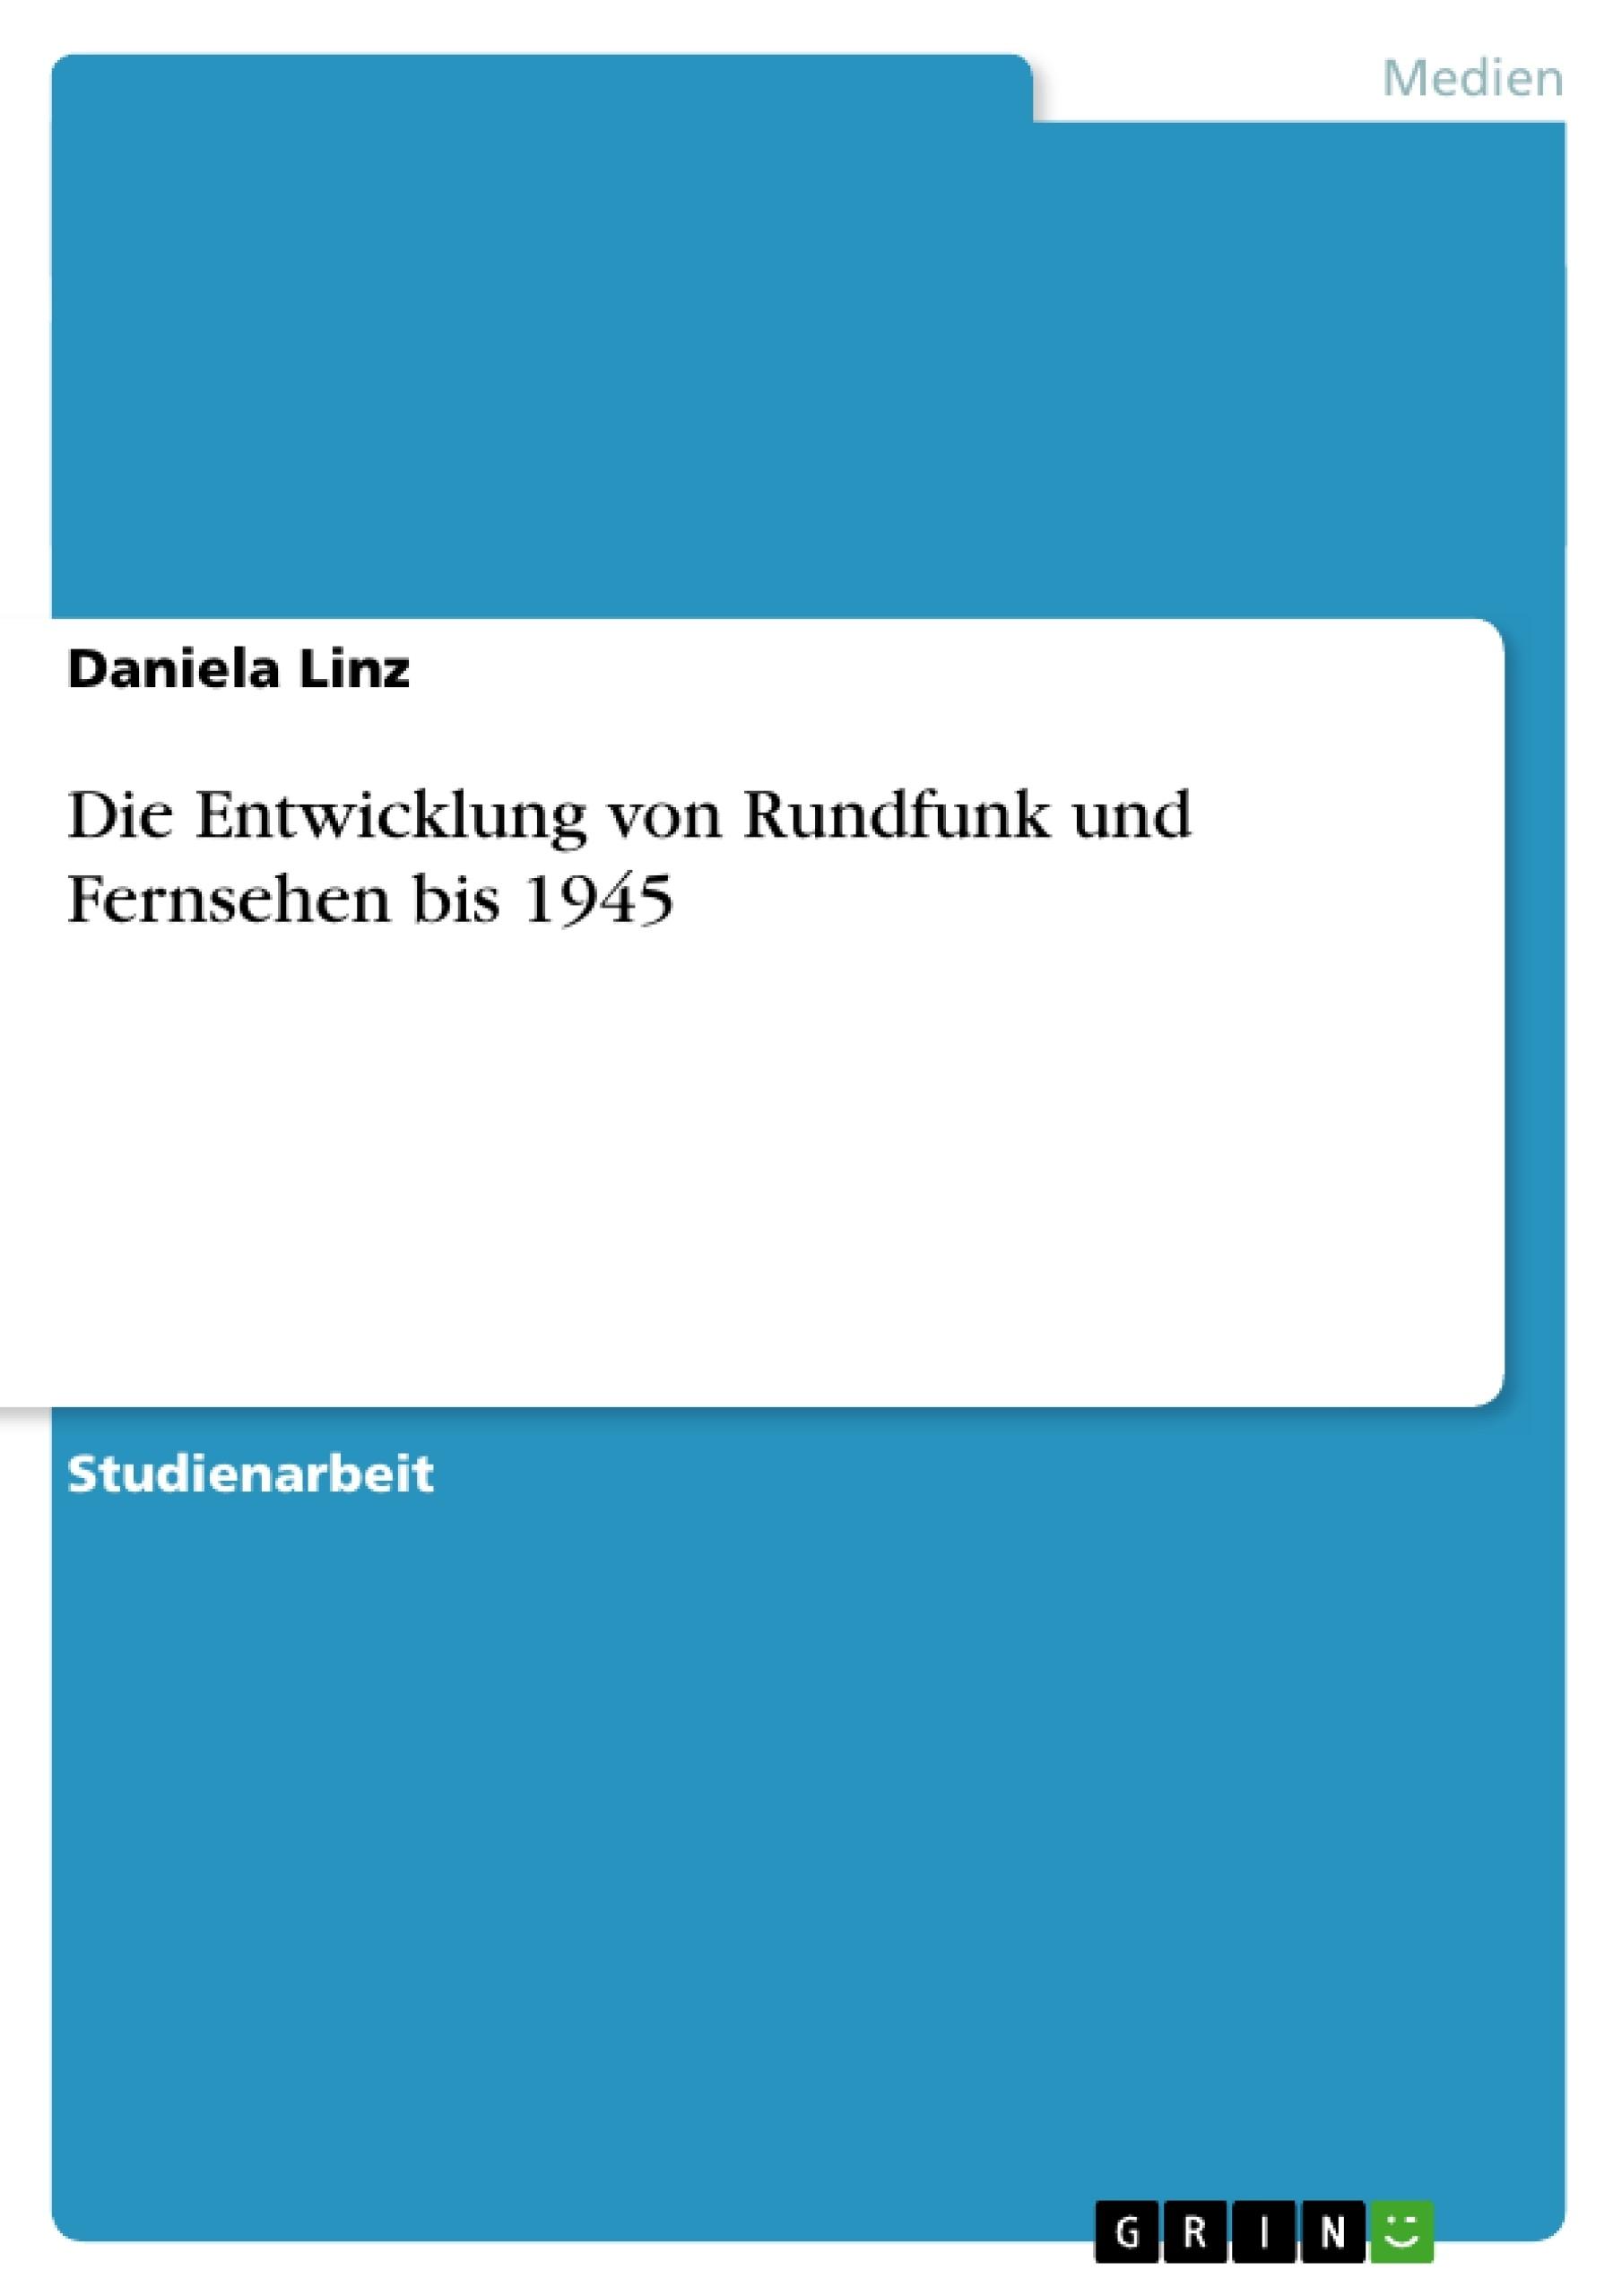 Titel: Die Entwicklung von Rundfunk und Fernsehen bis 1945